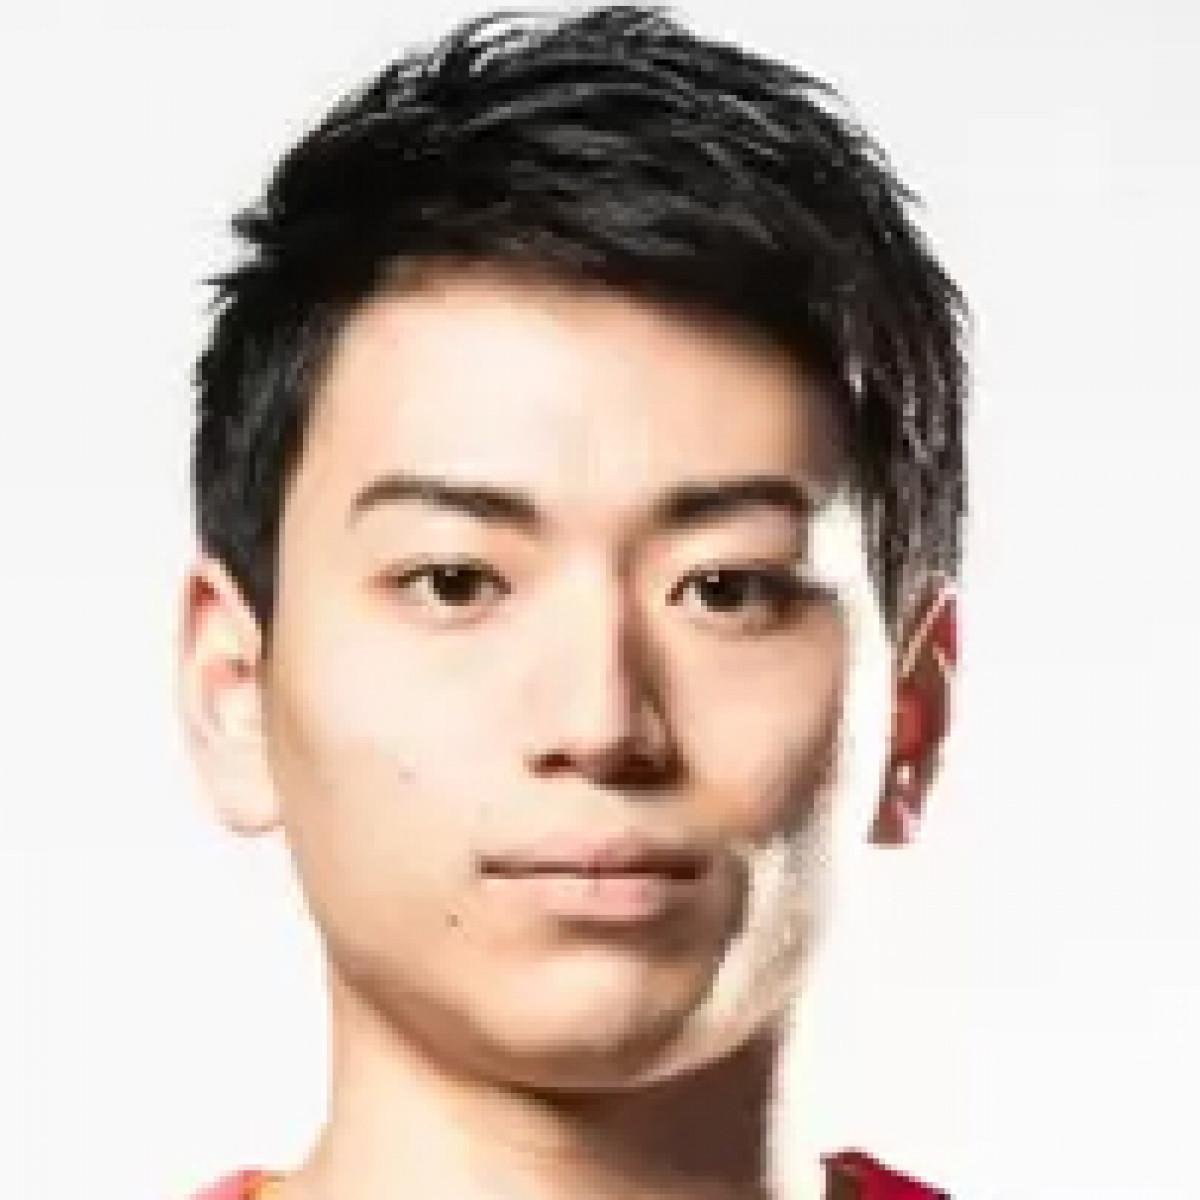 Ryo Iida